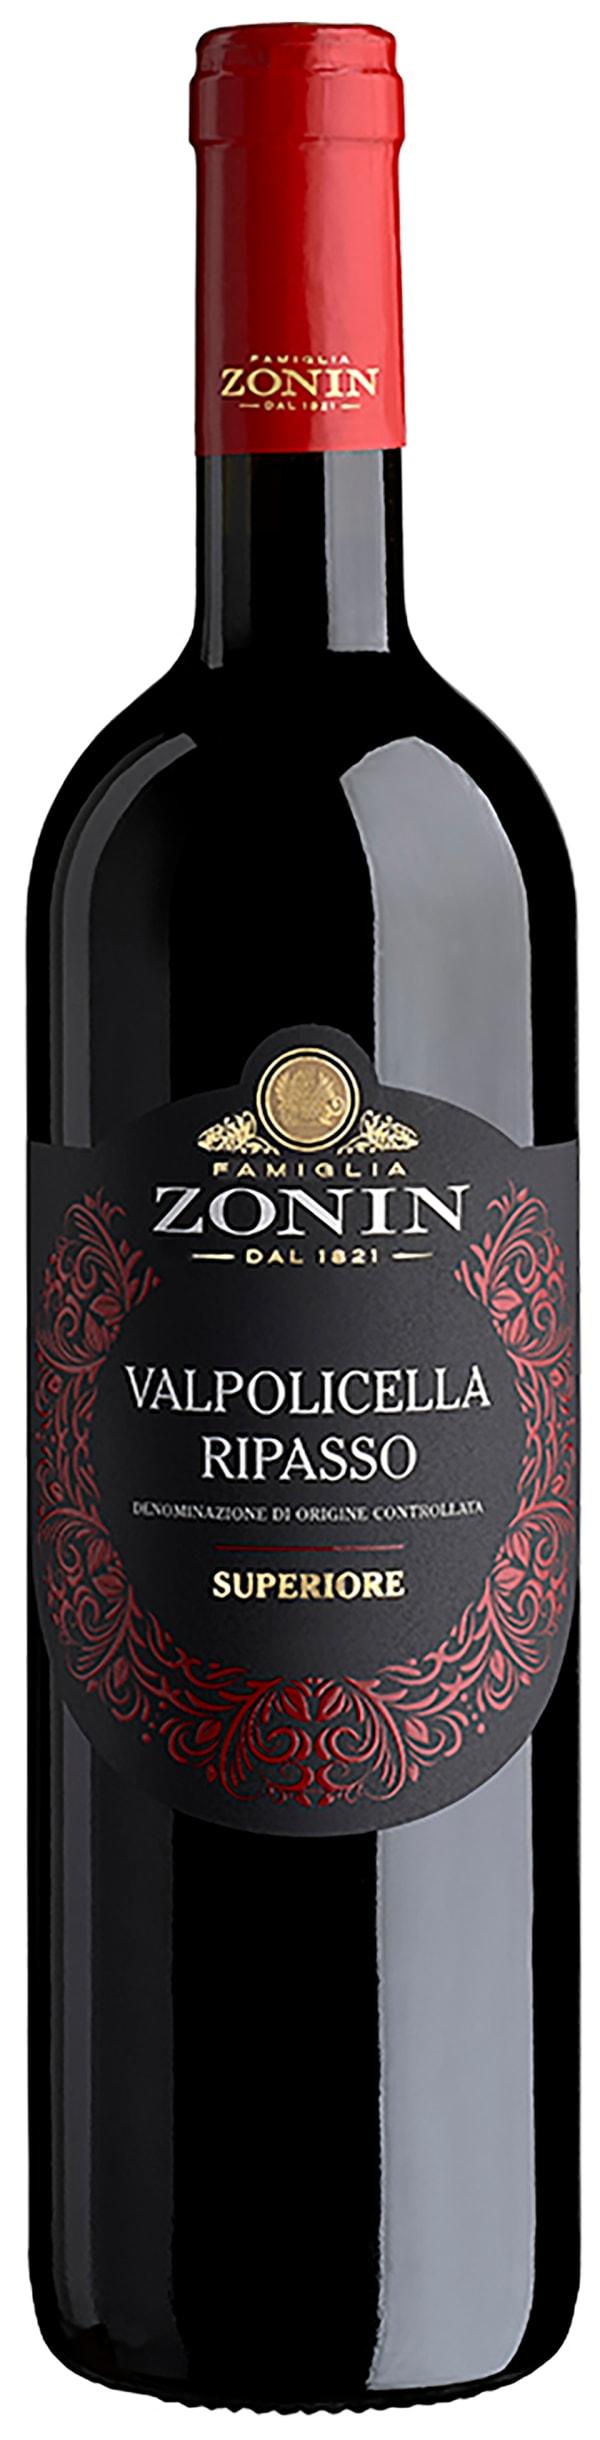 Zonin Ripasso Valpolicella Superiore 2018